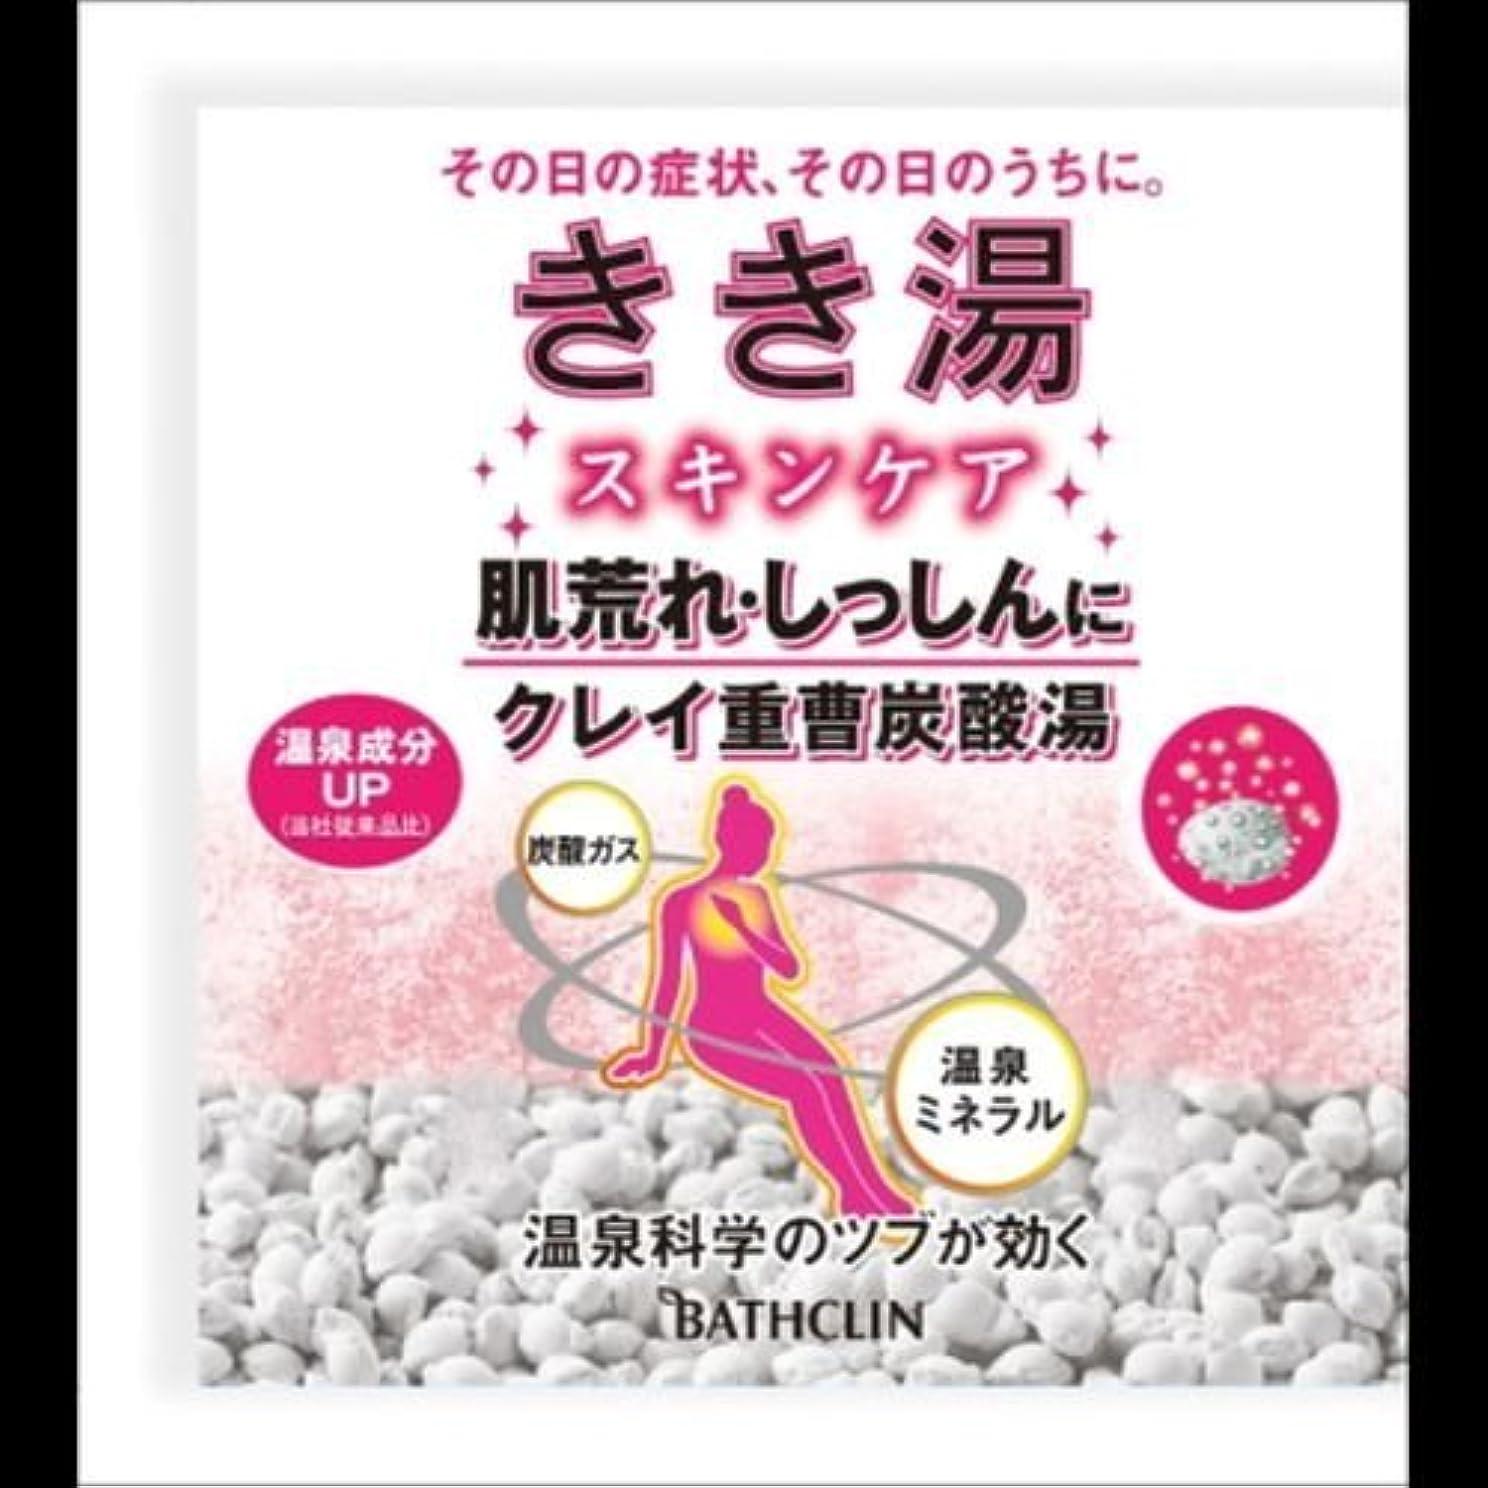 十億投票スナッチ【まとめ買い】きき湯 クレイ重曹炭酸湯 30g(入浴剤) ×2セット